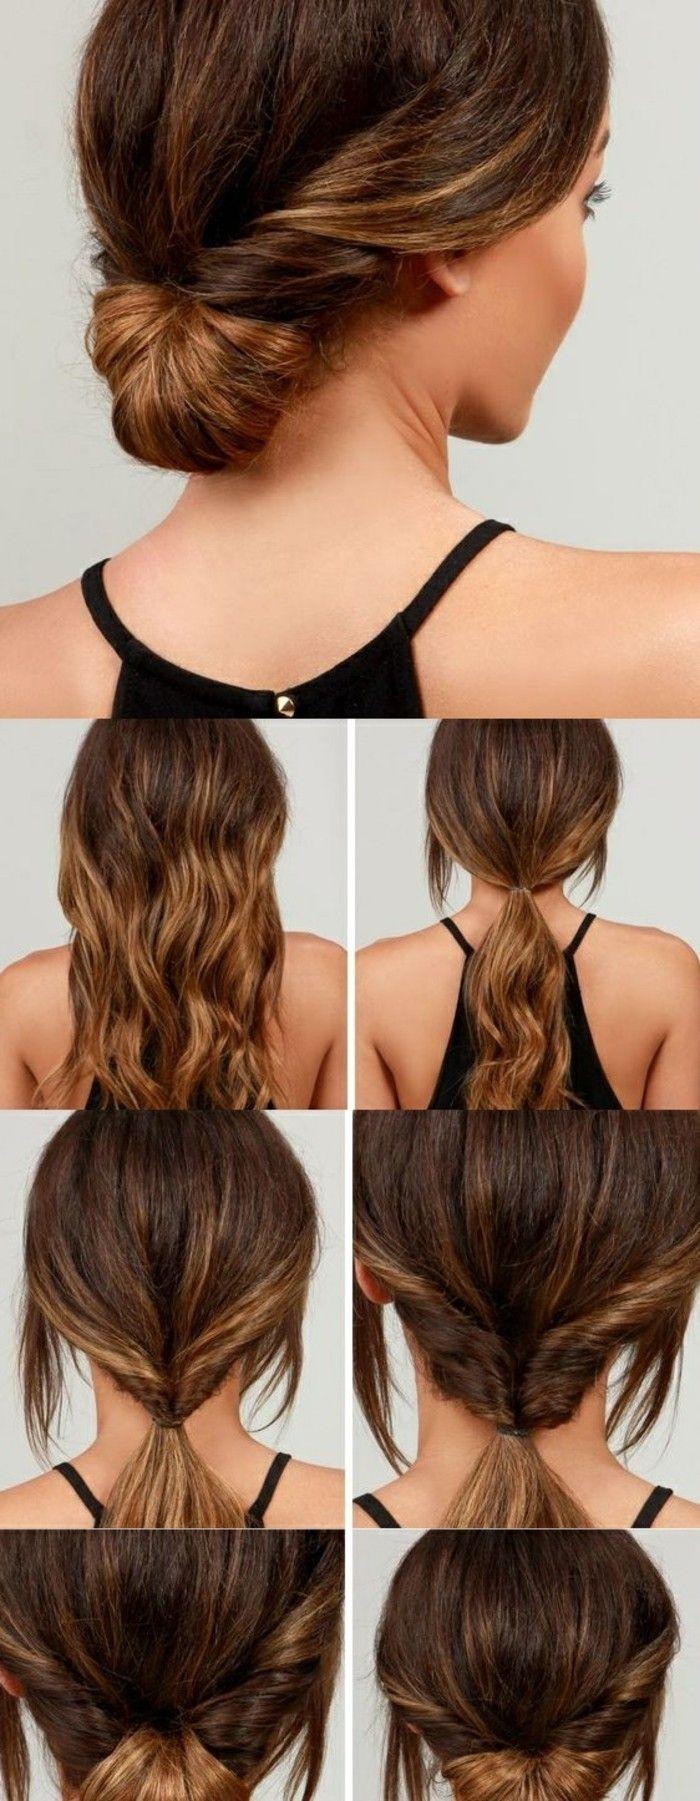 Frisuren Frauen Zum Selber Machen - Frisurentrends  Mittellange